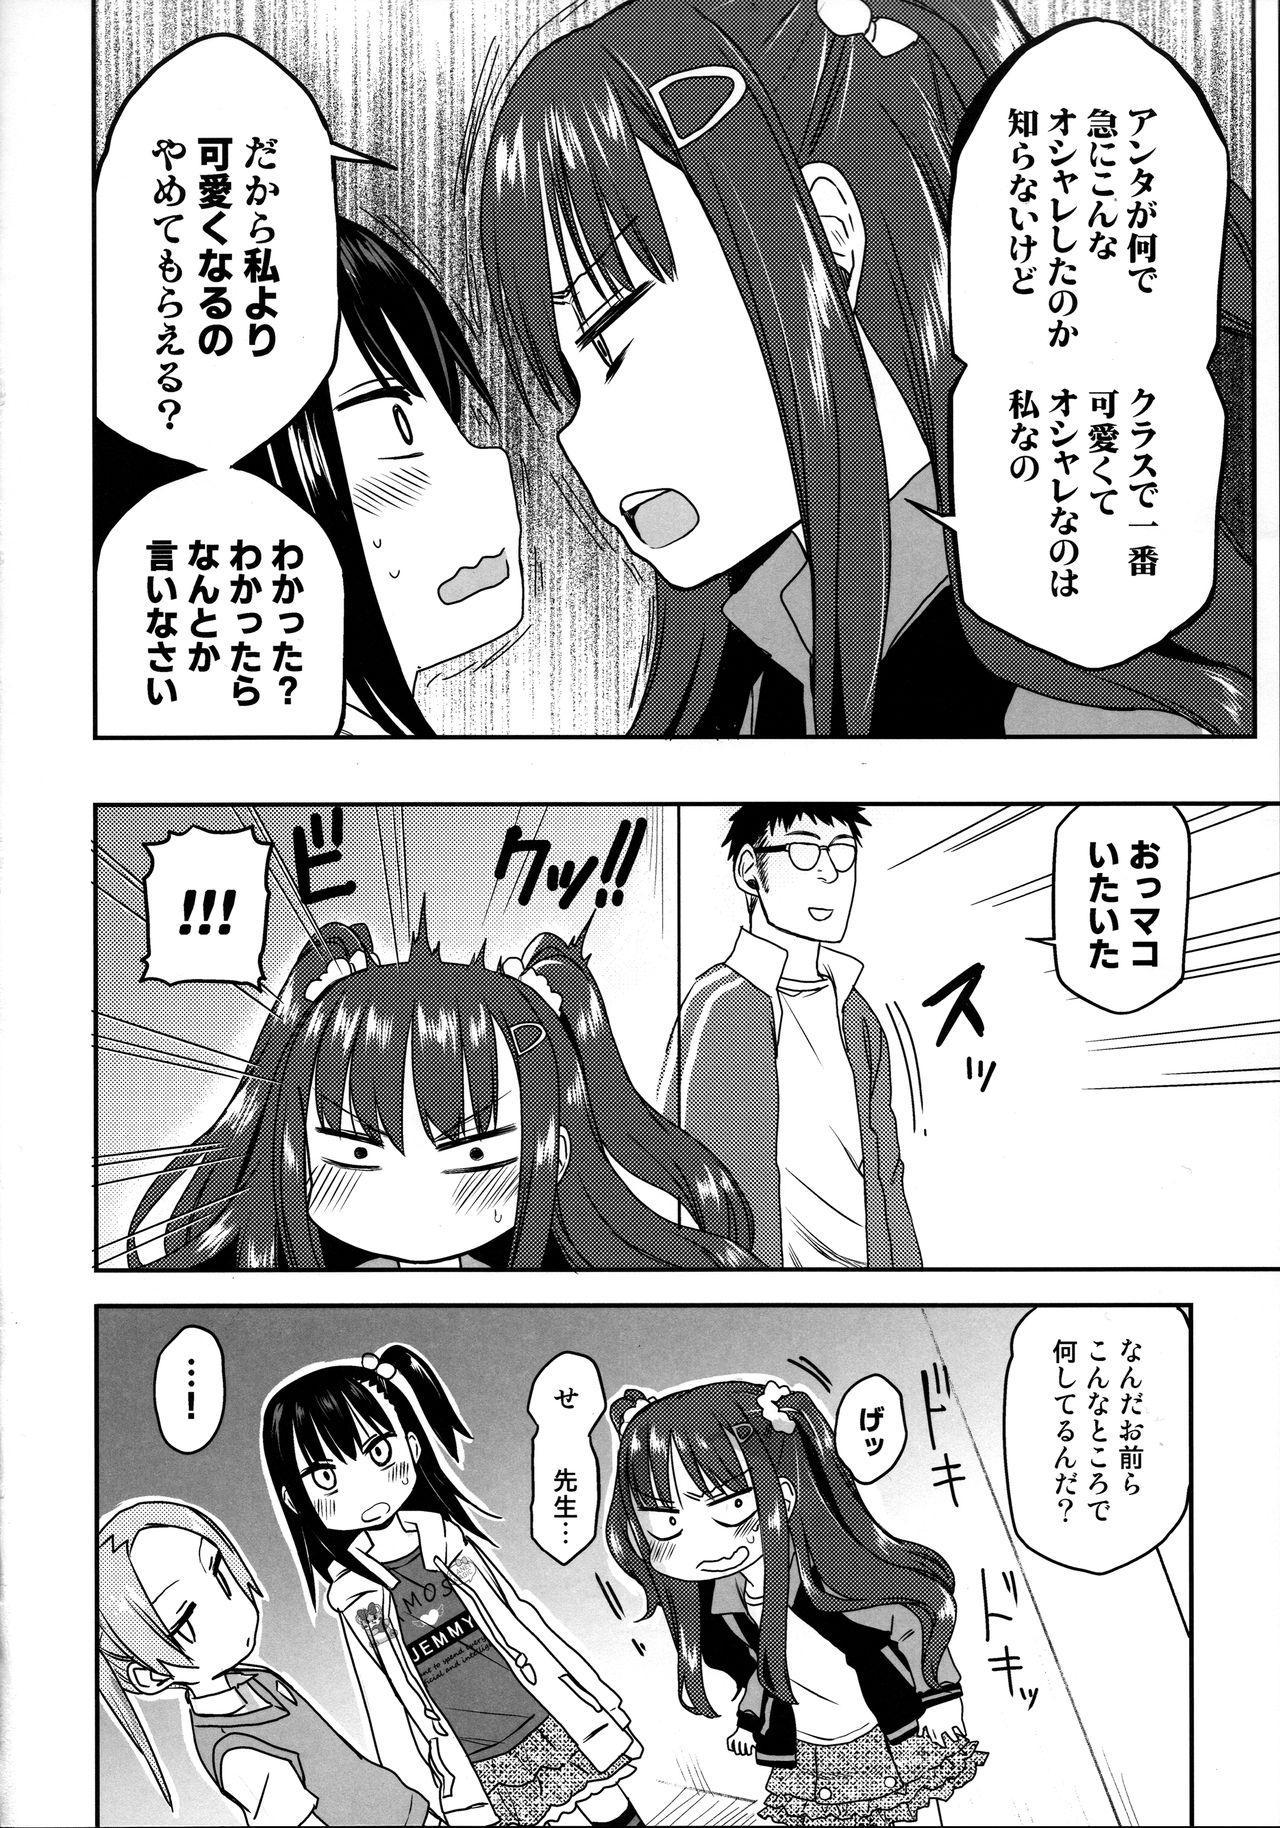 Tonari no Mako-chan Season 2 Vol. 1 17